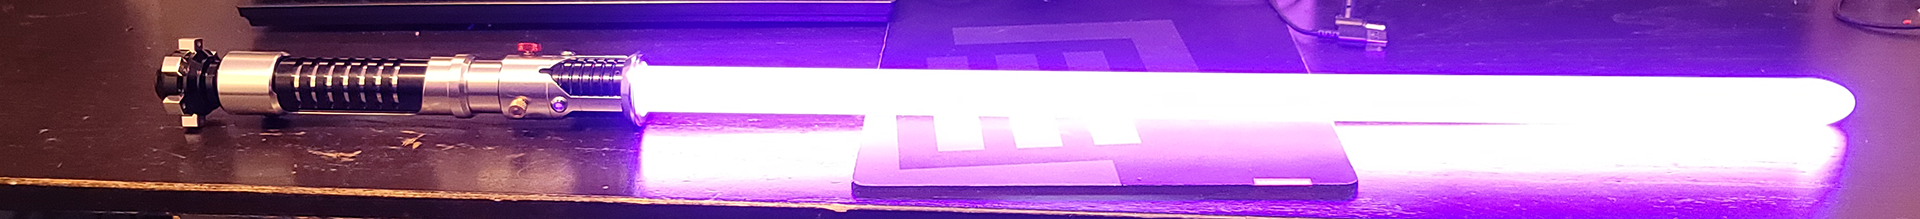 OWK1-Purple